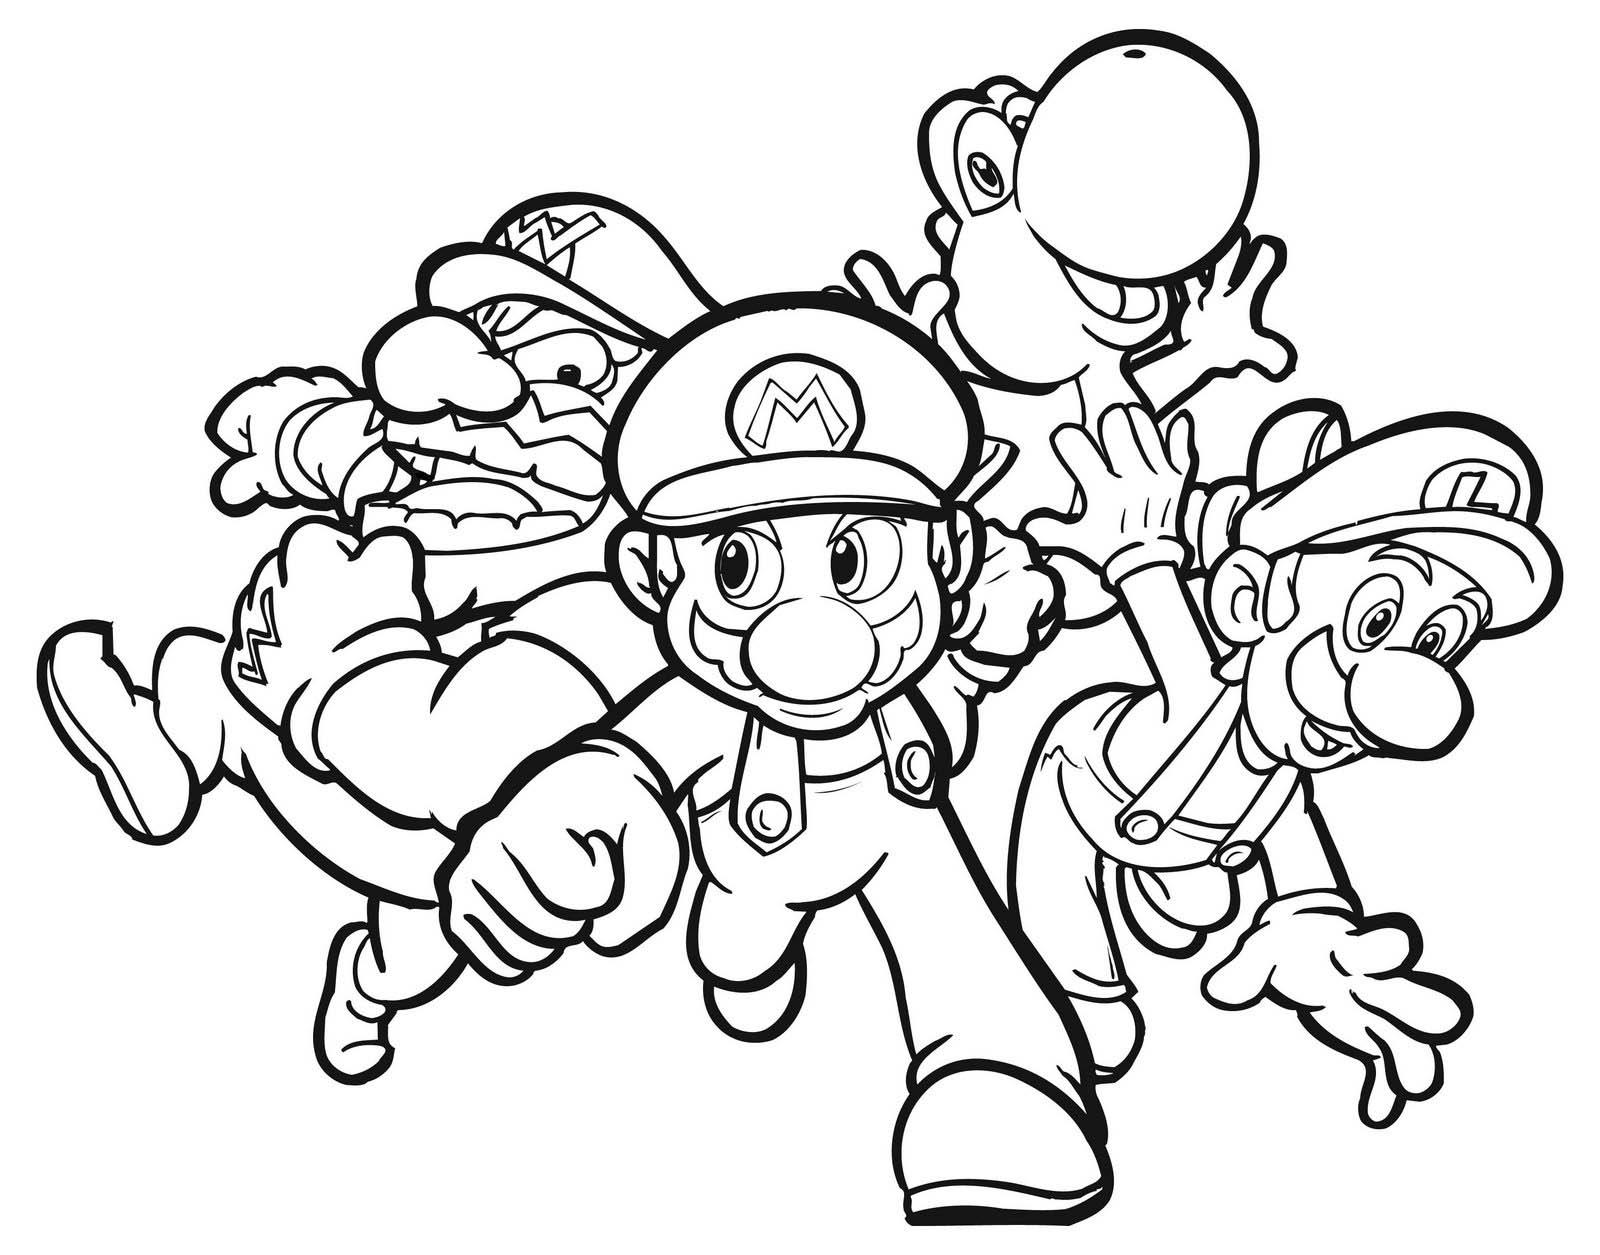 Dibujos Ideia Criativa: Super Mário Bros Colorir